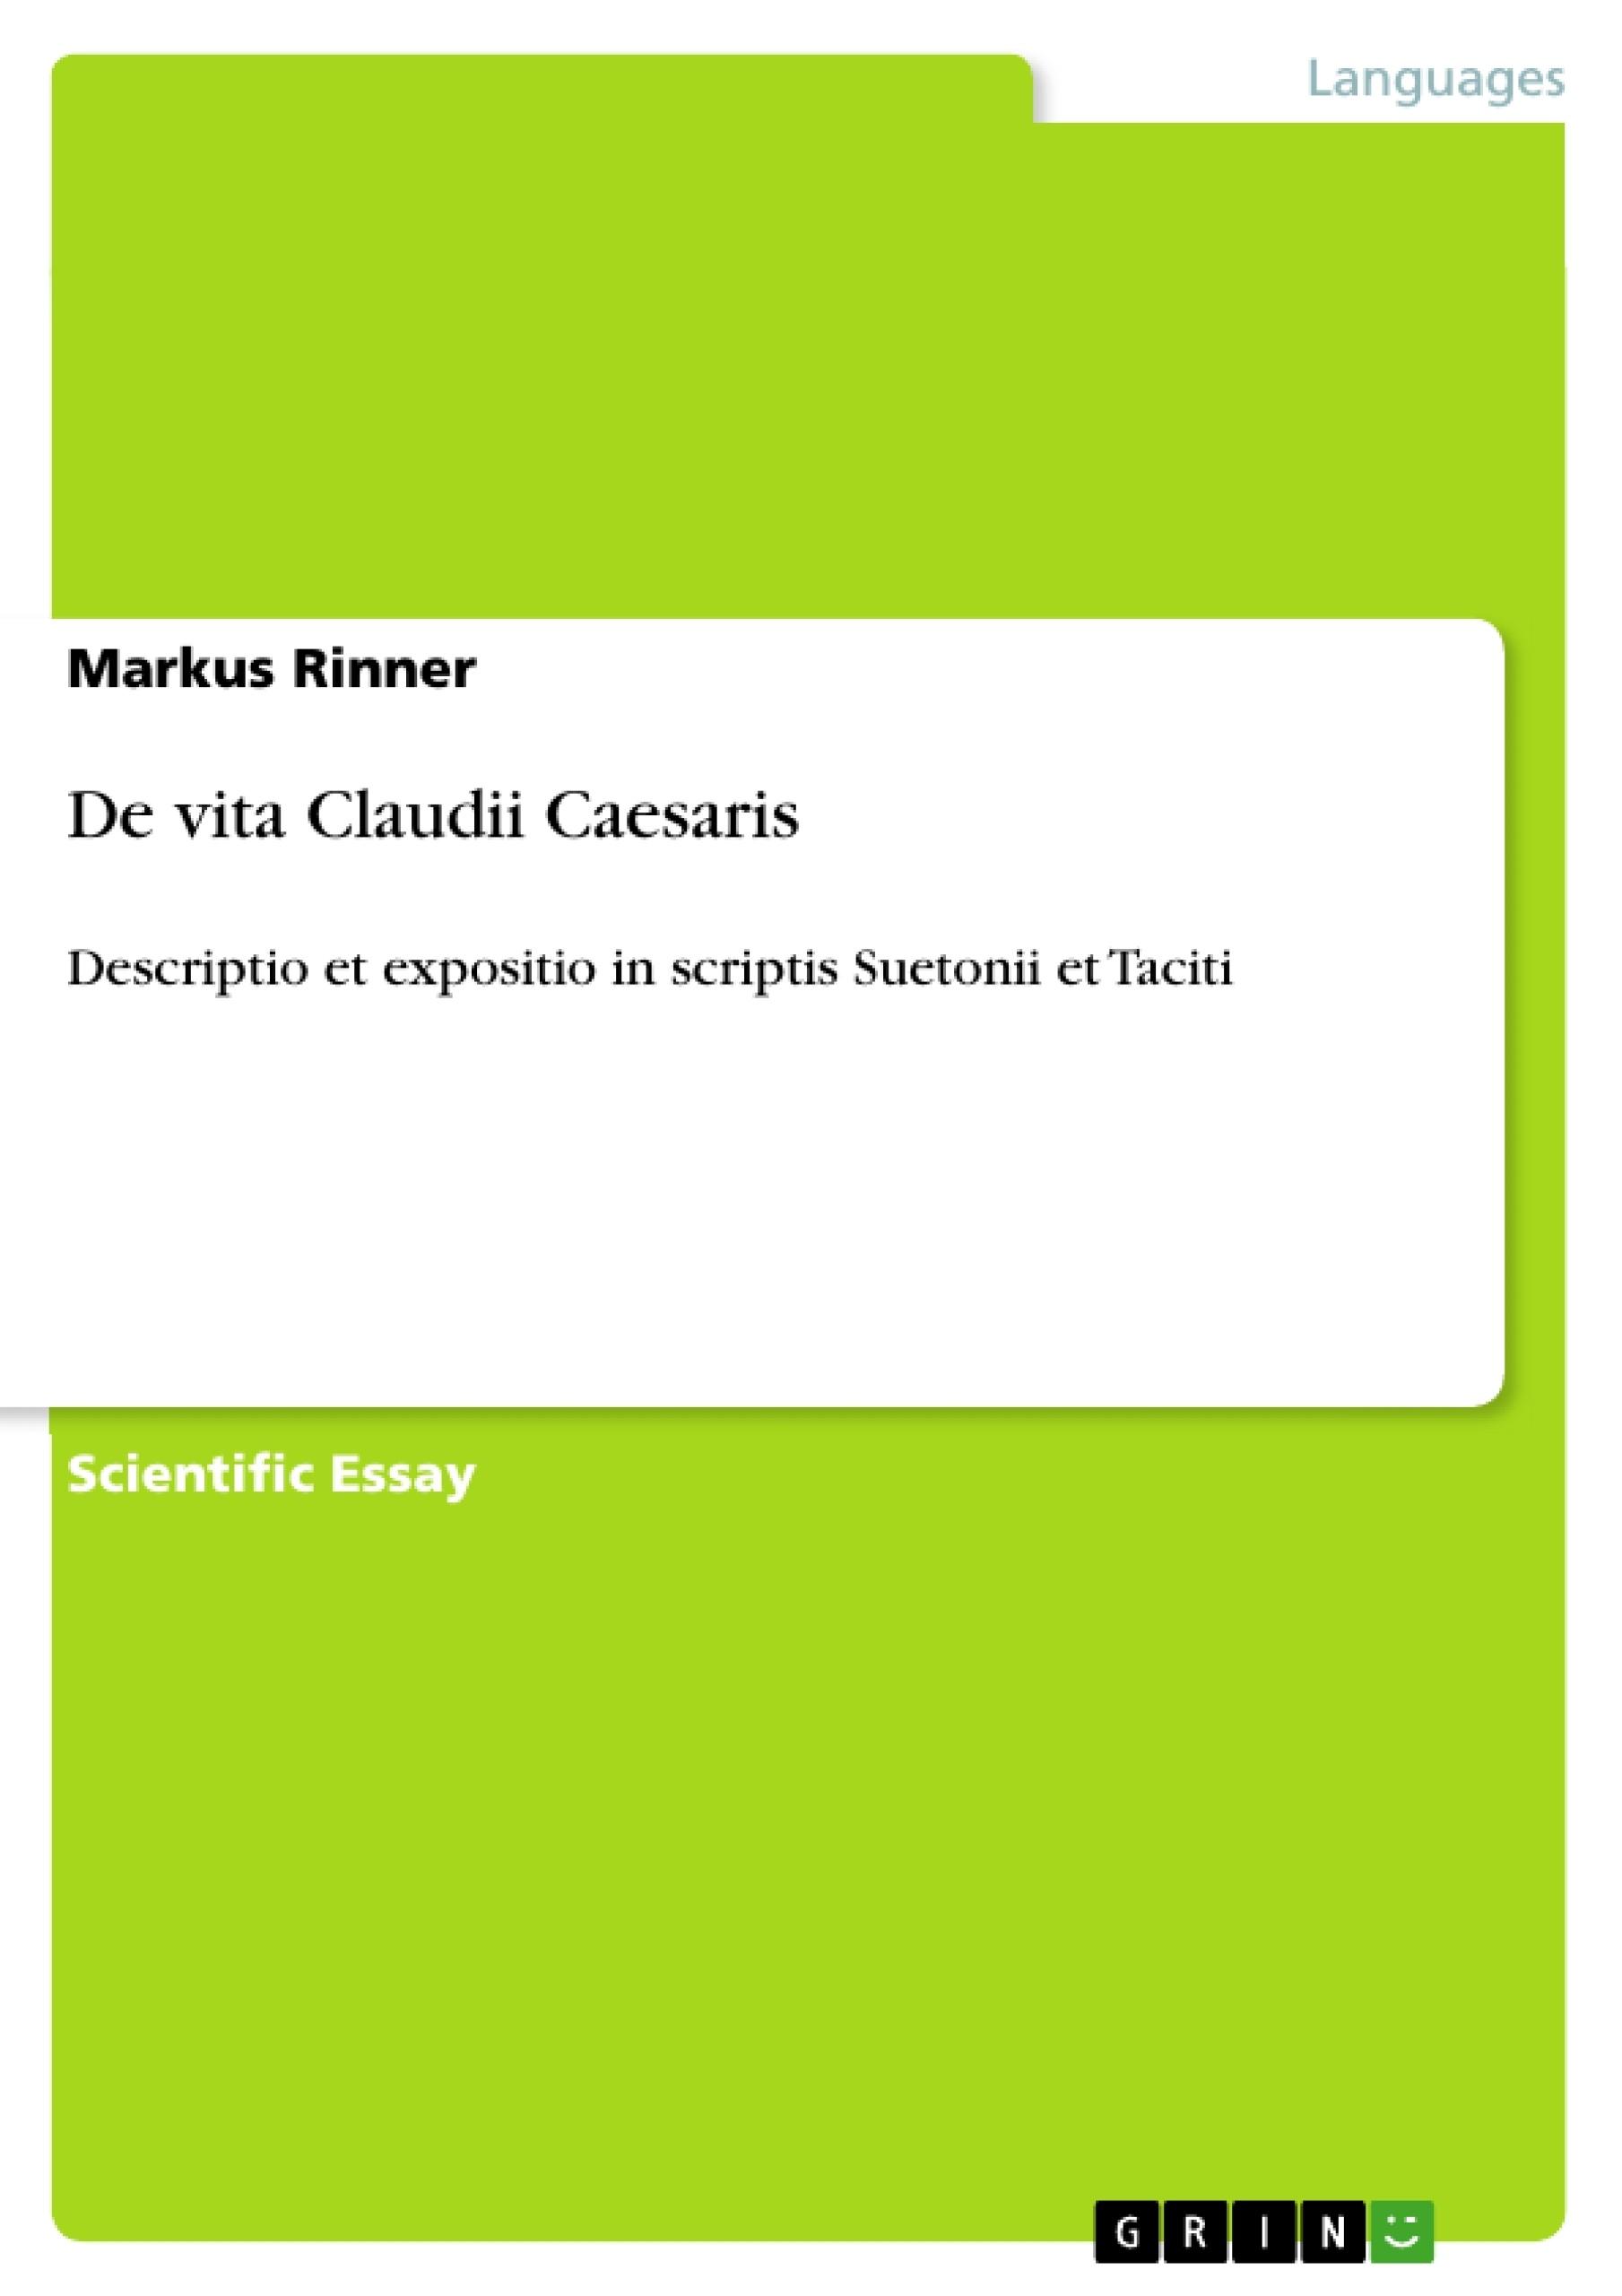 Title: De vita Claudii Caesaris